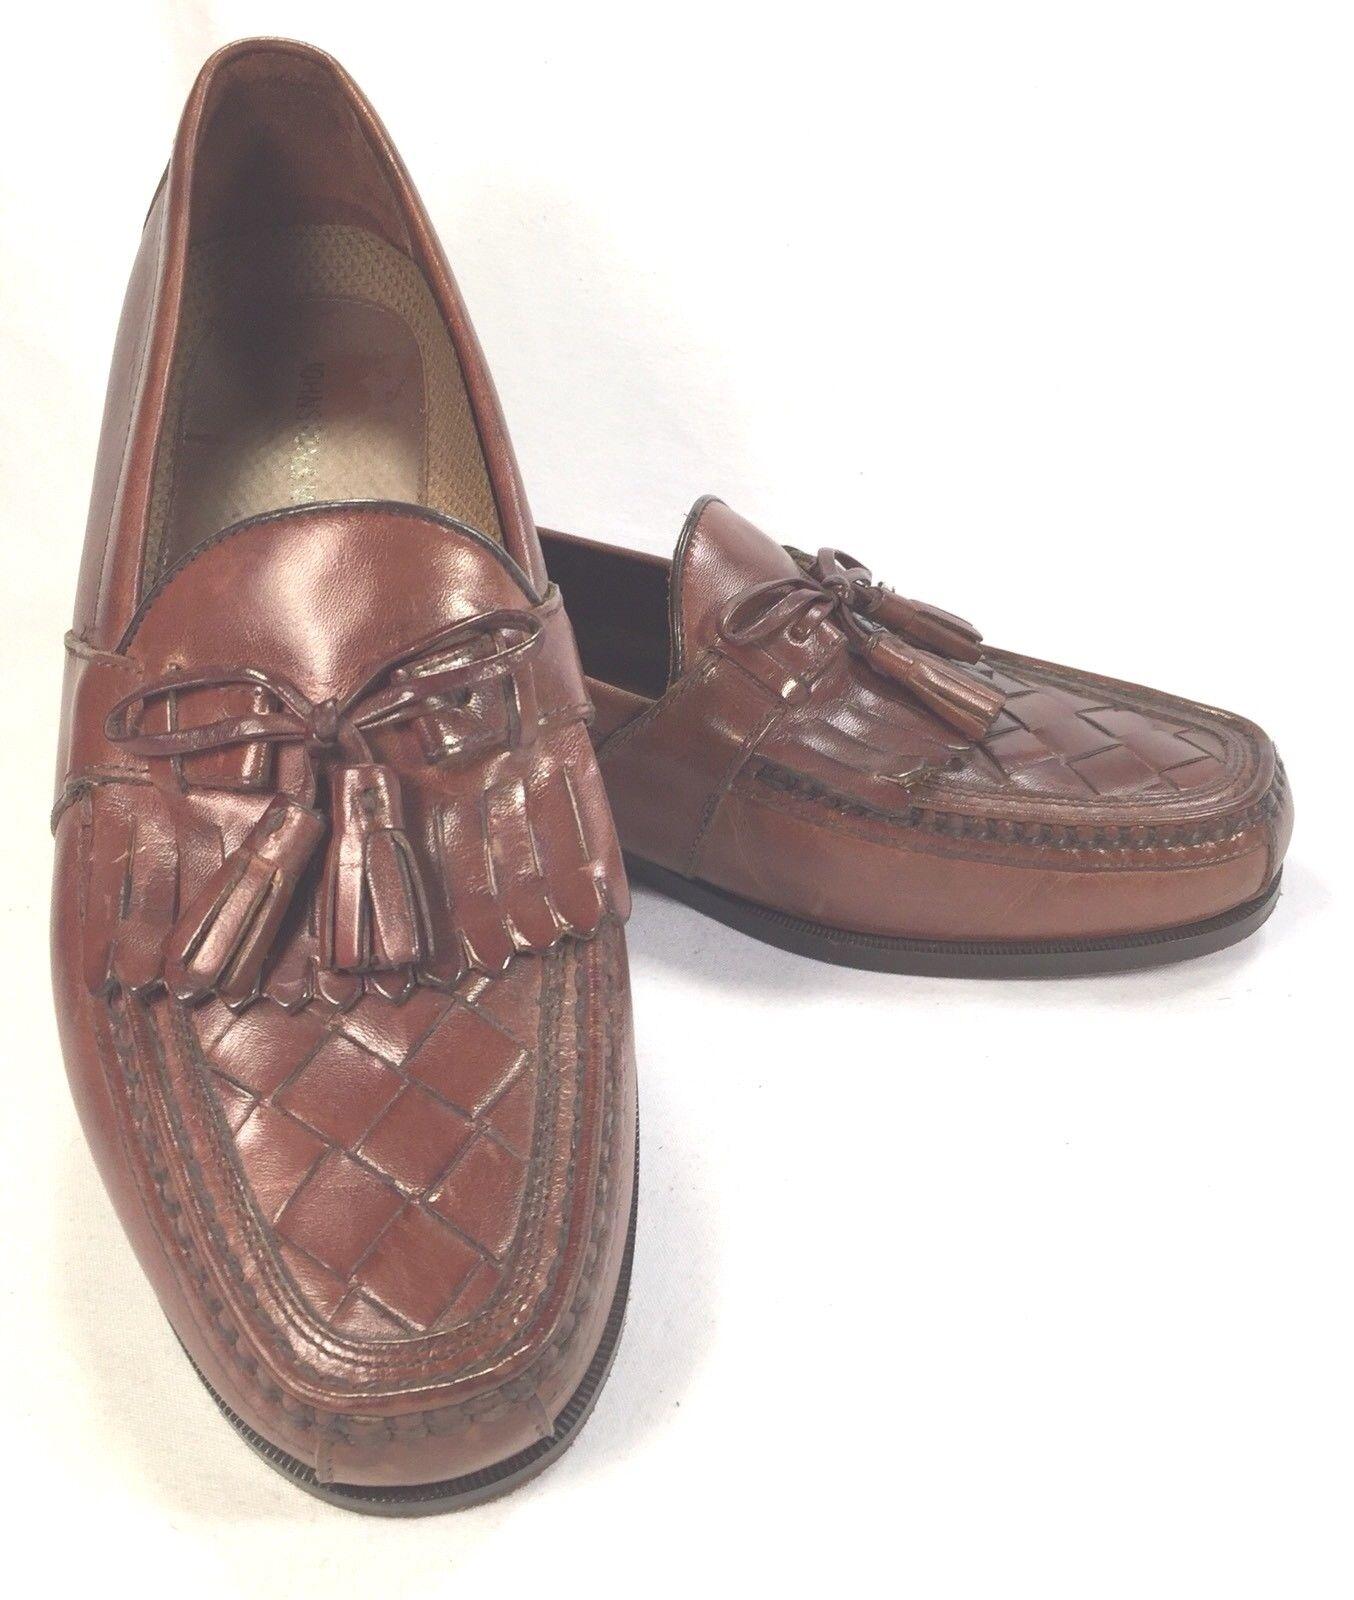 Johnston & Murphy Tassel Kiltie Loafers Weave Top Opera Cognac Brown Sz 9M